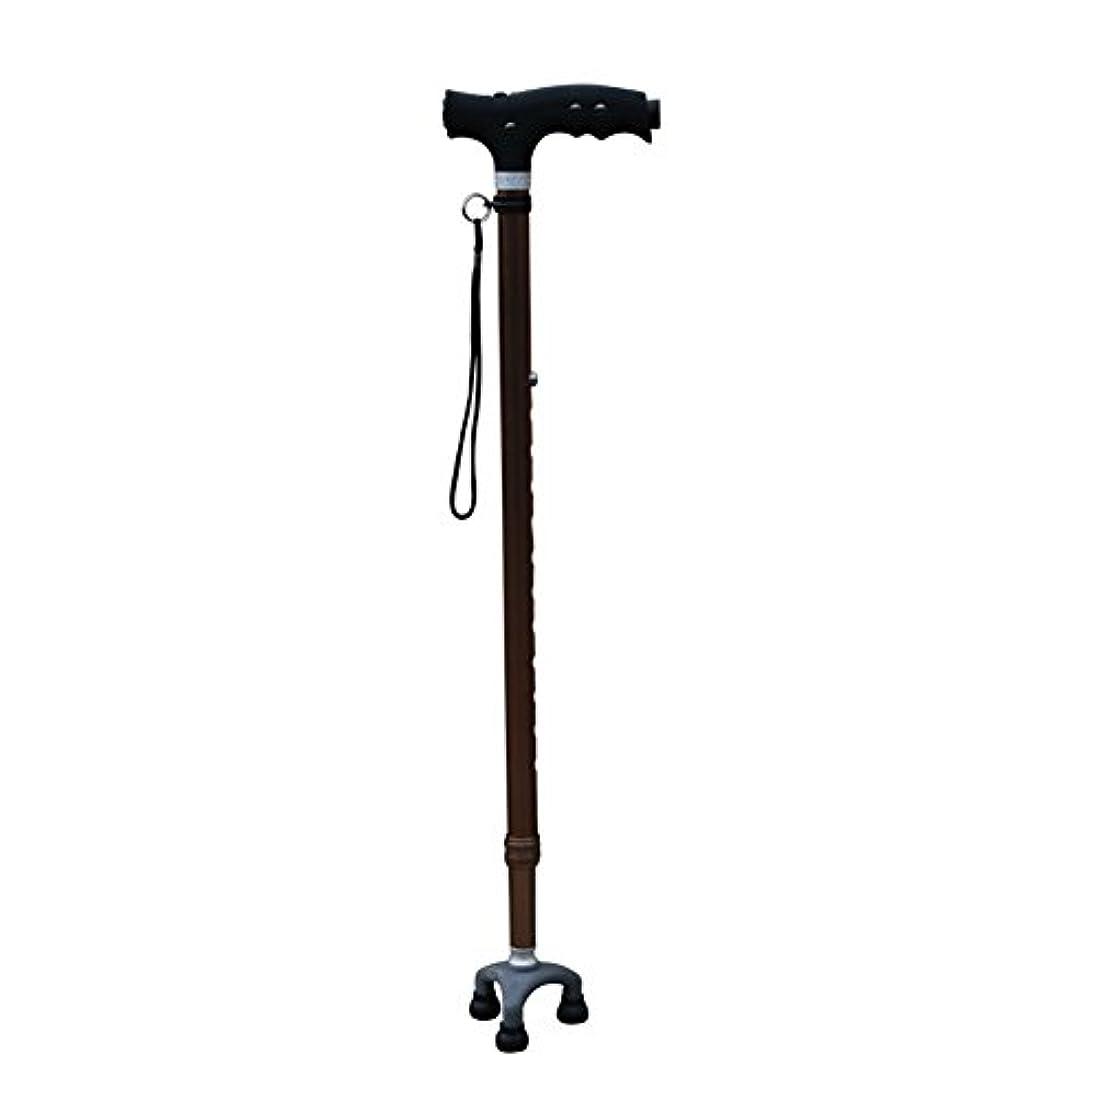 始まり請求可能ラダ高齢者のための調整可能な歩行ケーンライト付き歩行杖これらの調整可能な杖と歩行スティックを自信を持って旅行,B